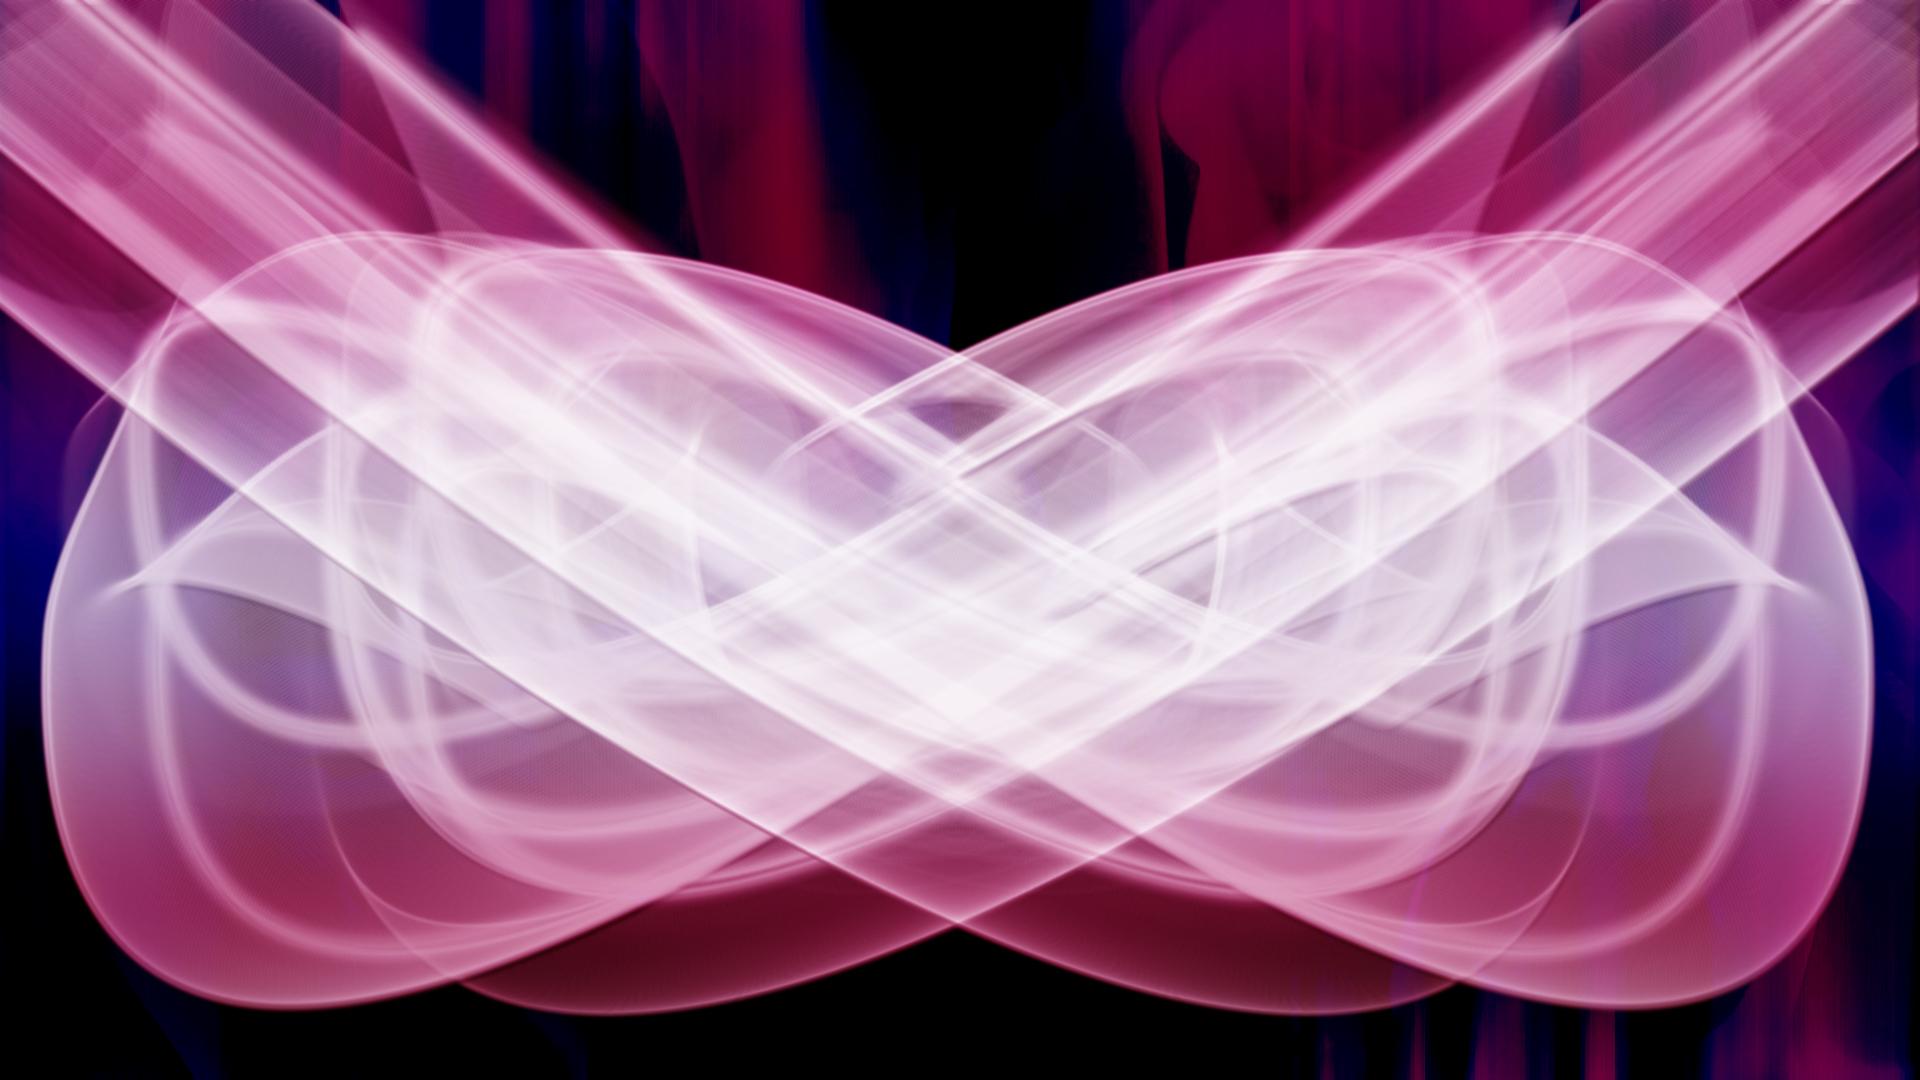 Free Wallpapers Fall Season Hd Breast Cancer Backgrounds Pixelstalk Net